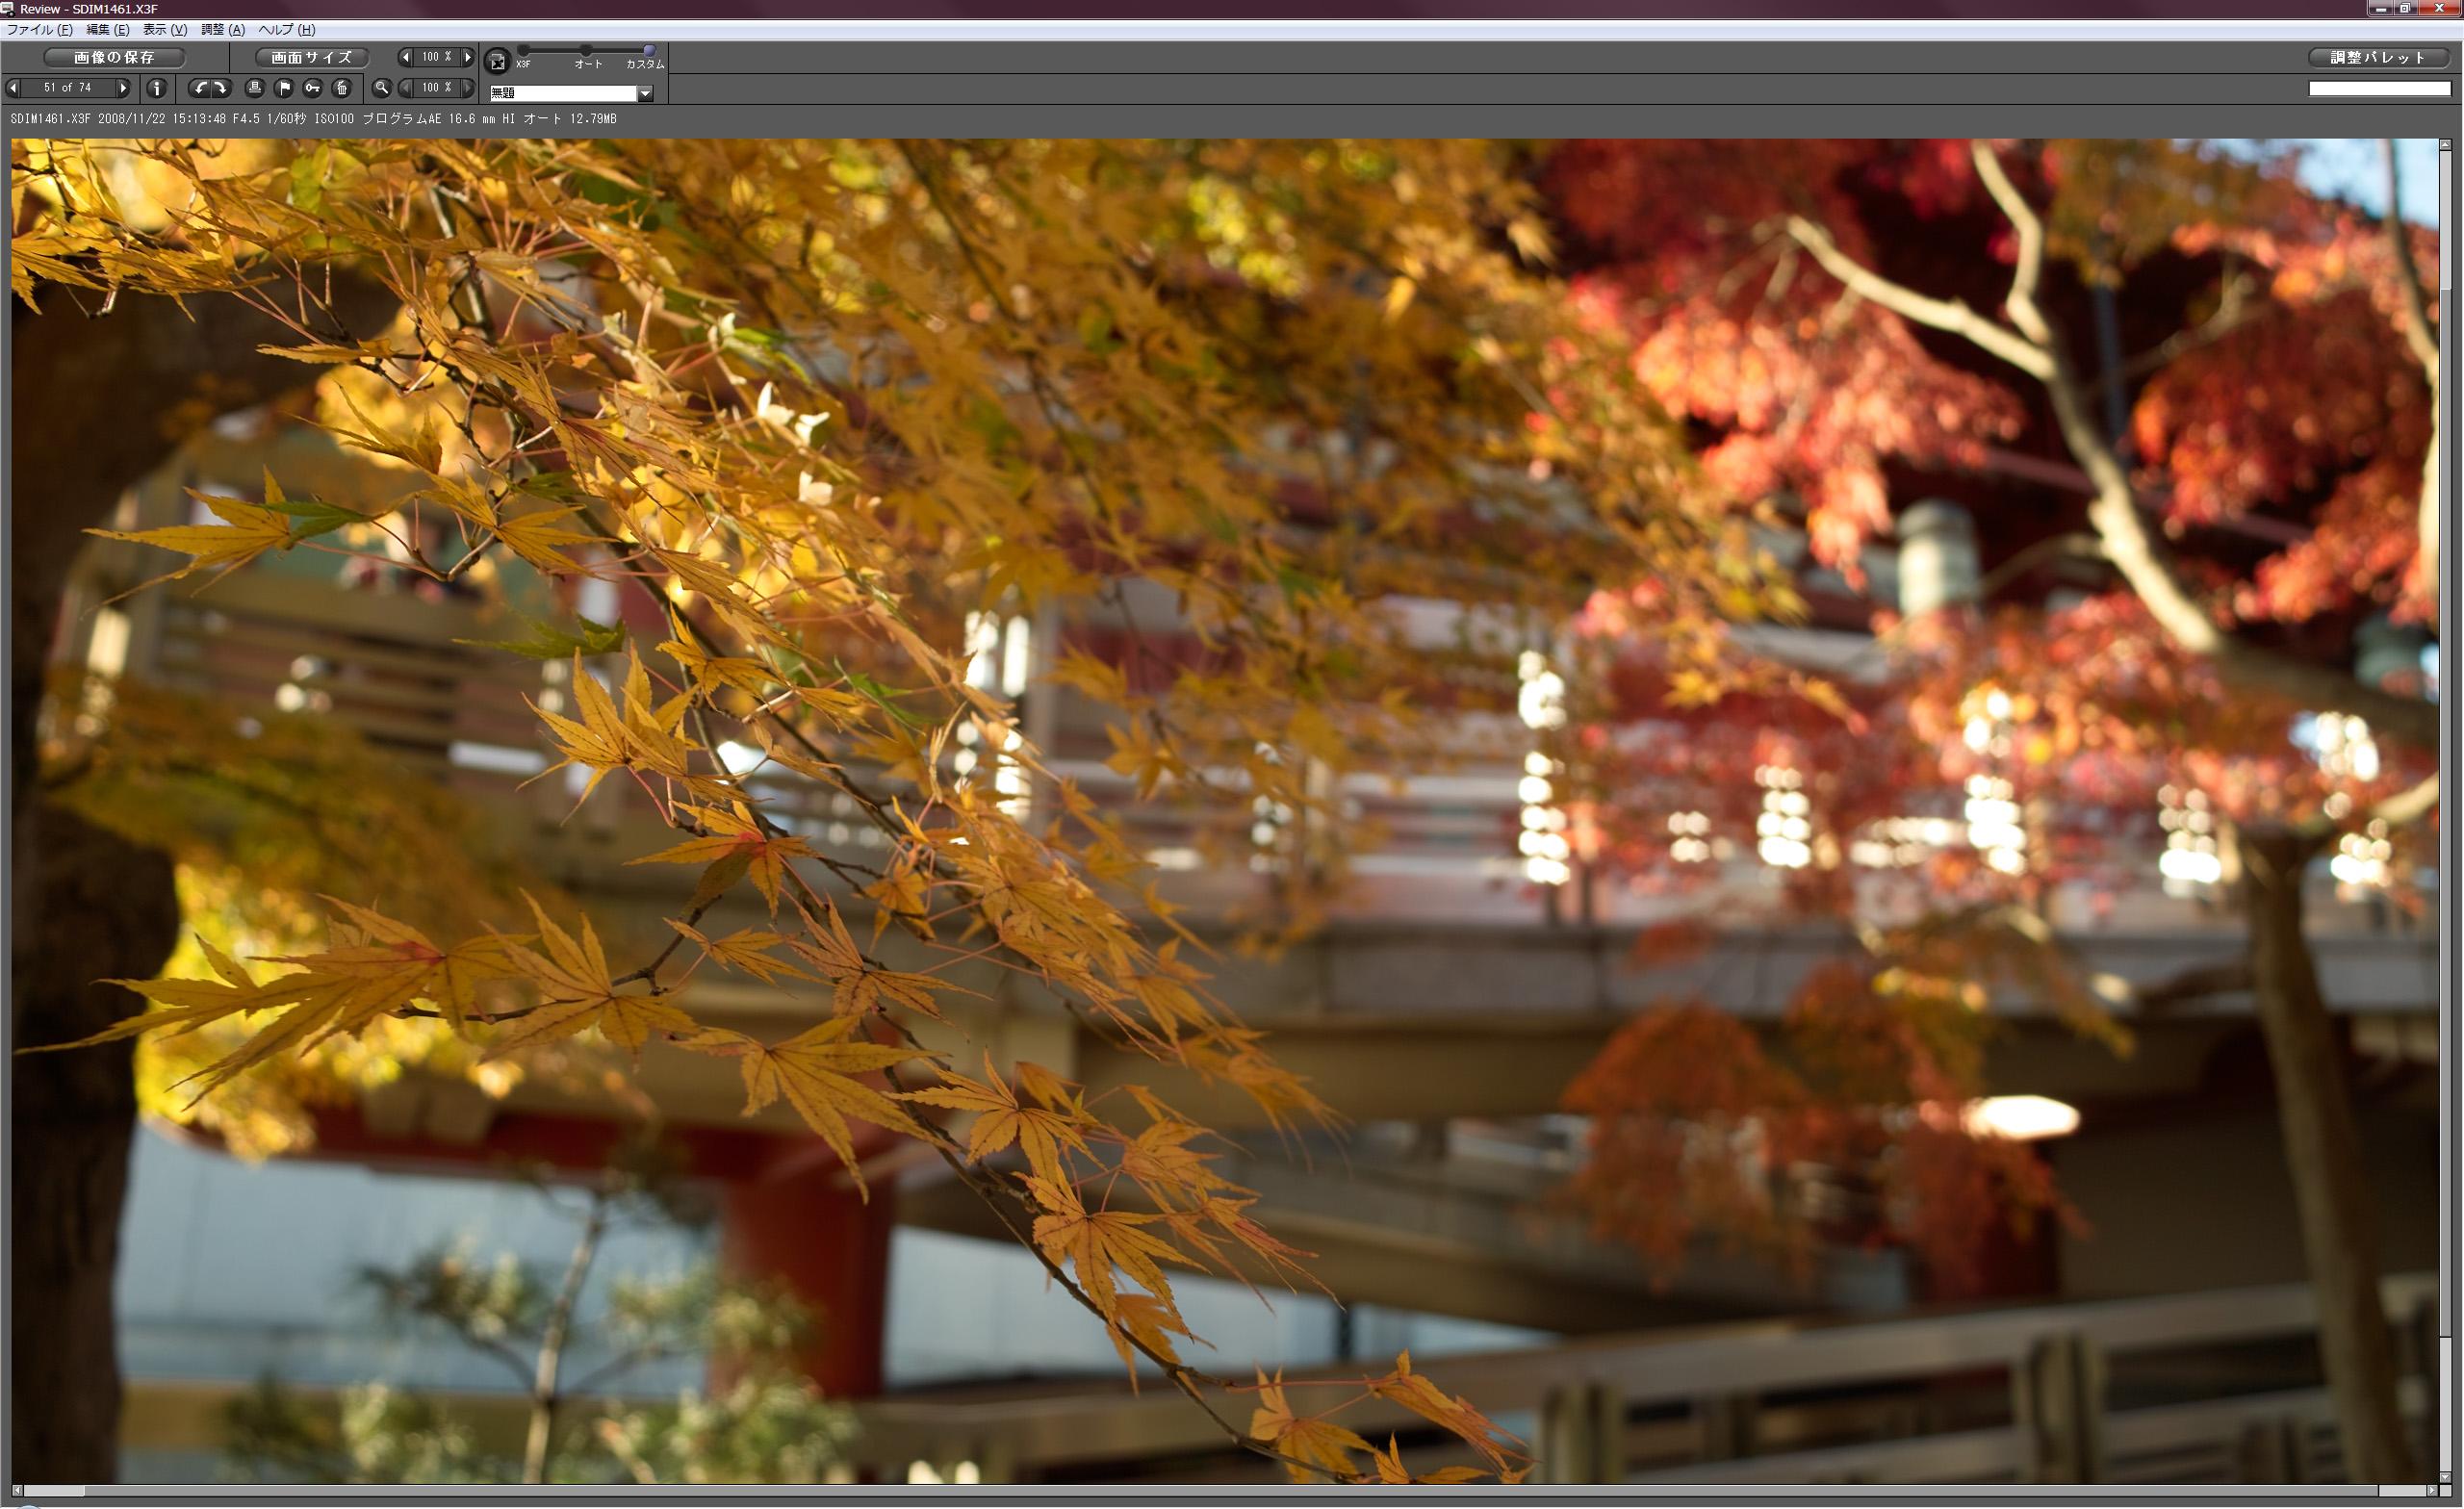 写真を現像する際、原寸表示においても中央部分が表示されるためピントやブレを見極めやすい